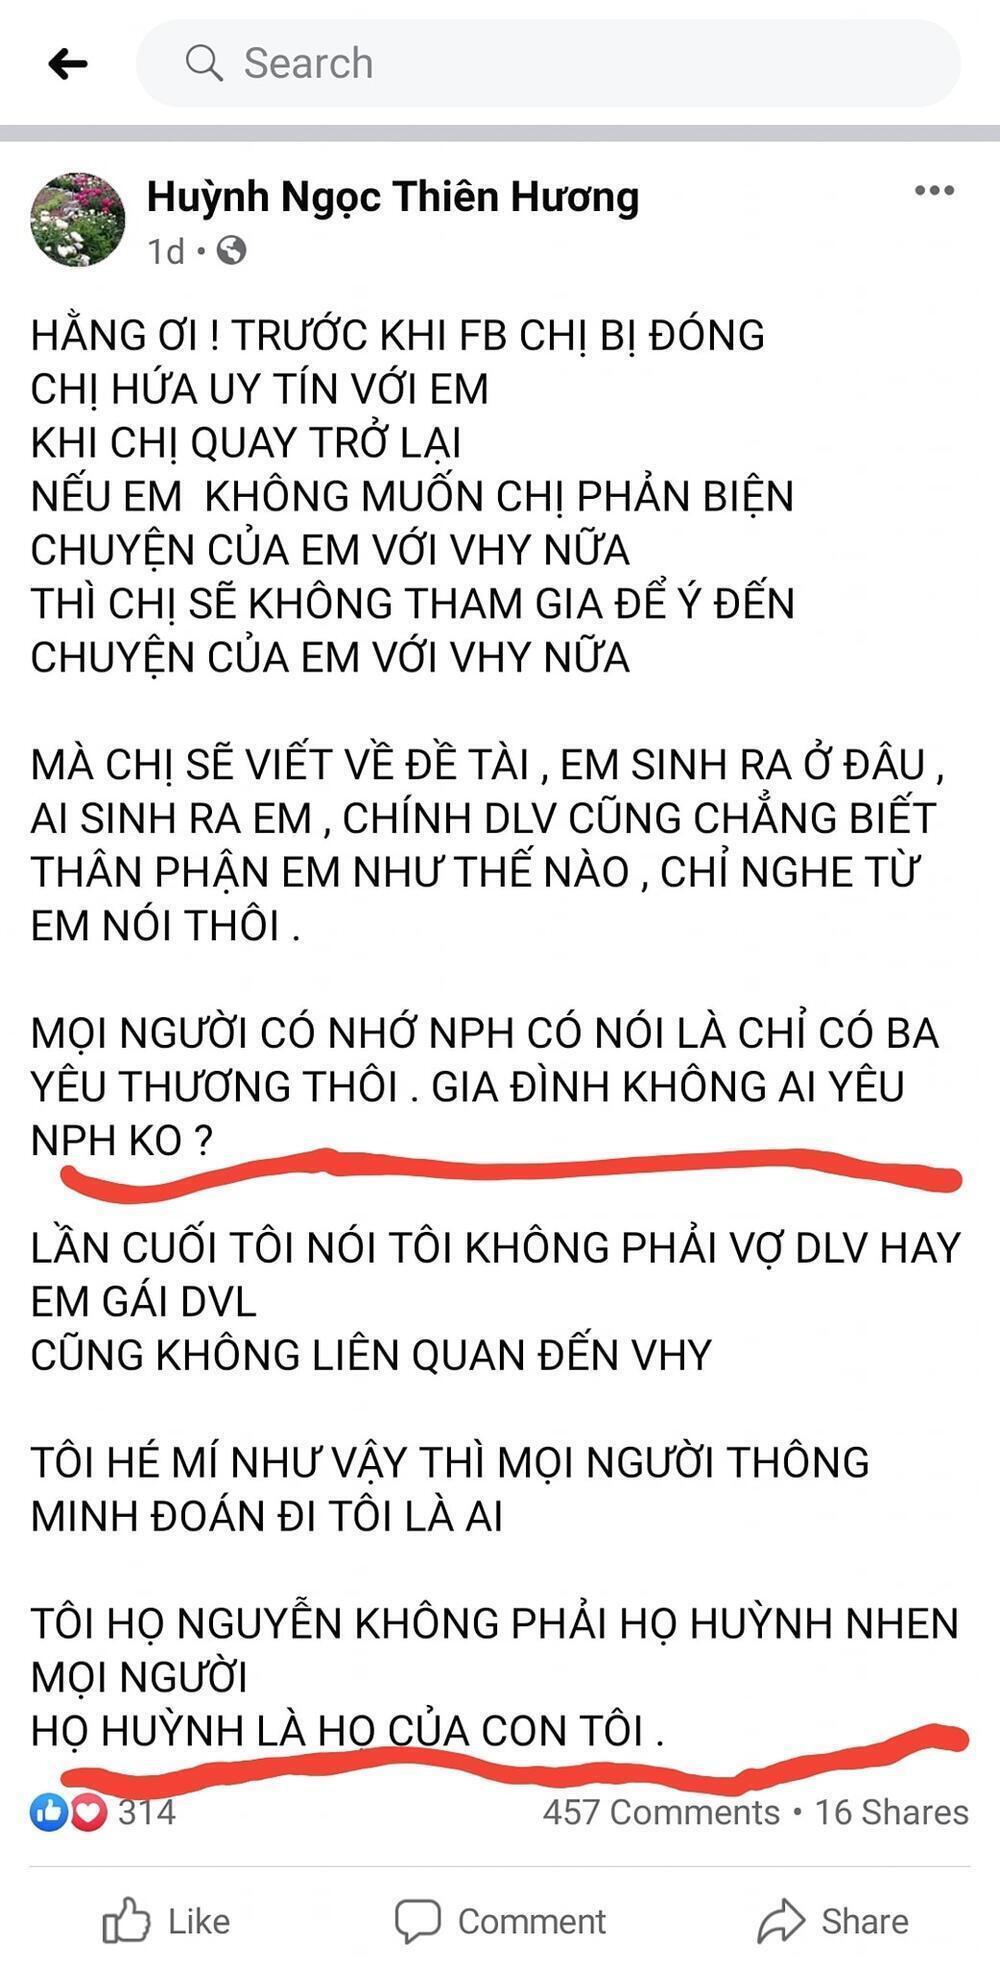 Bà Phương Hằng tiết lộ tin bất ngờ về Huỳnh Ngọc Thiên Hương: 'Tiền án tiền sự của nó nhiều hơn tiền mặt' Ảnh 1